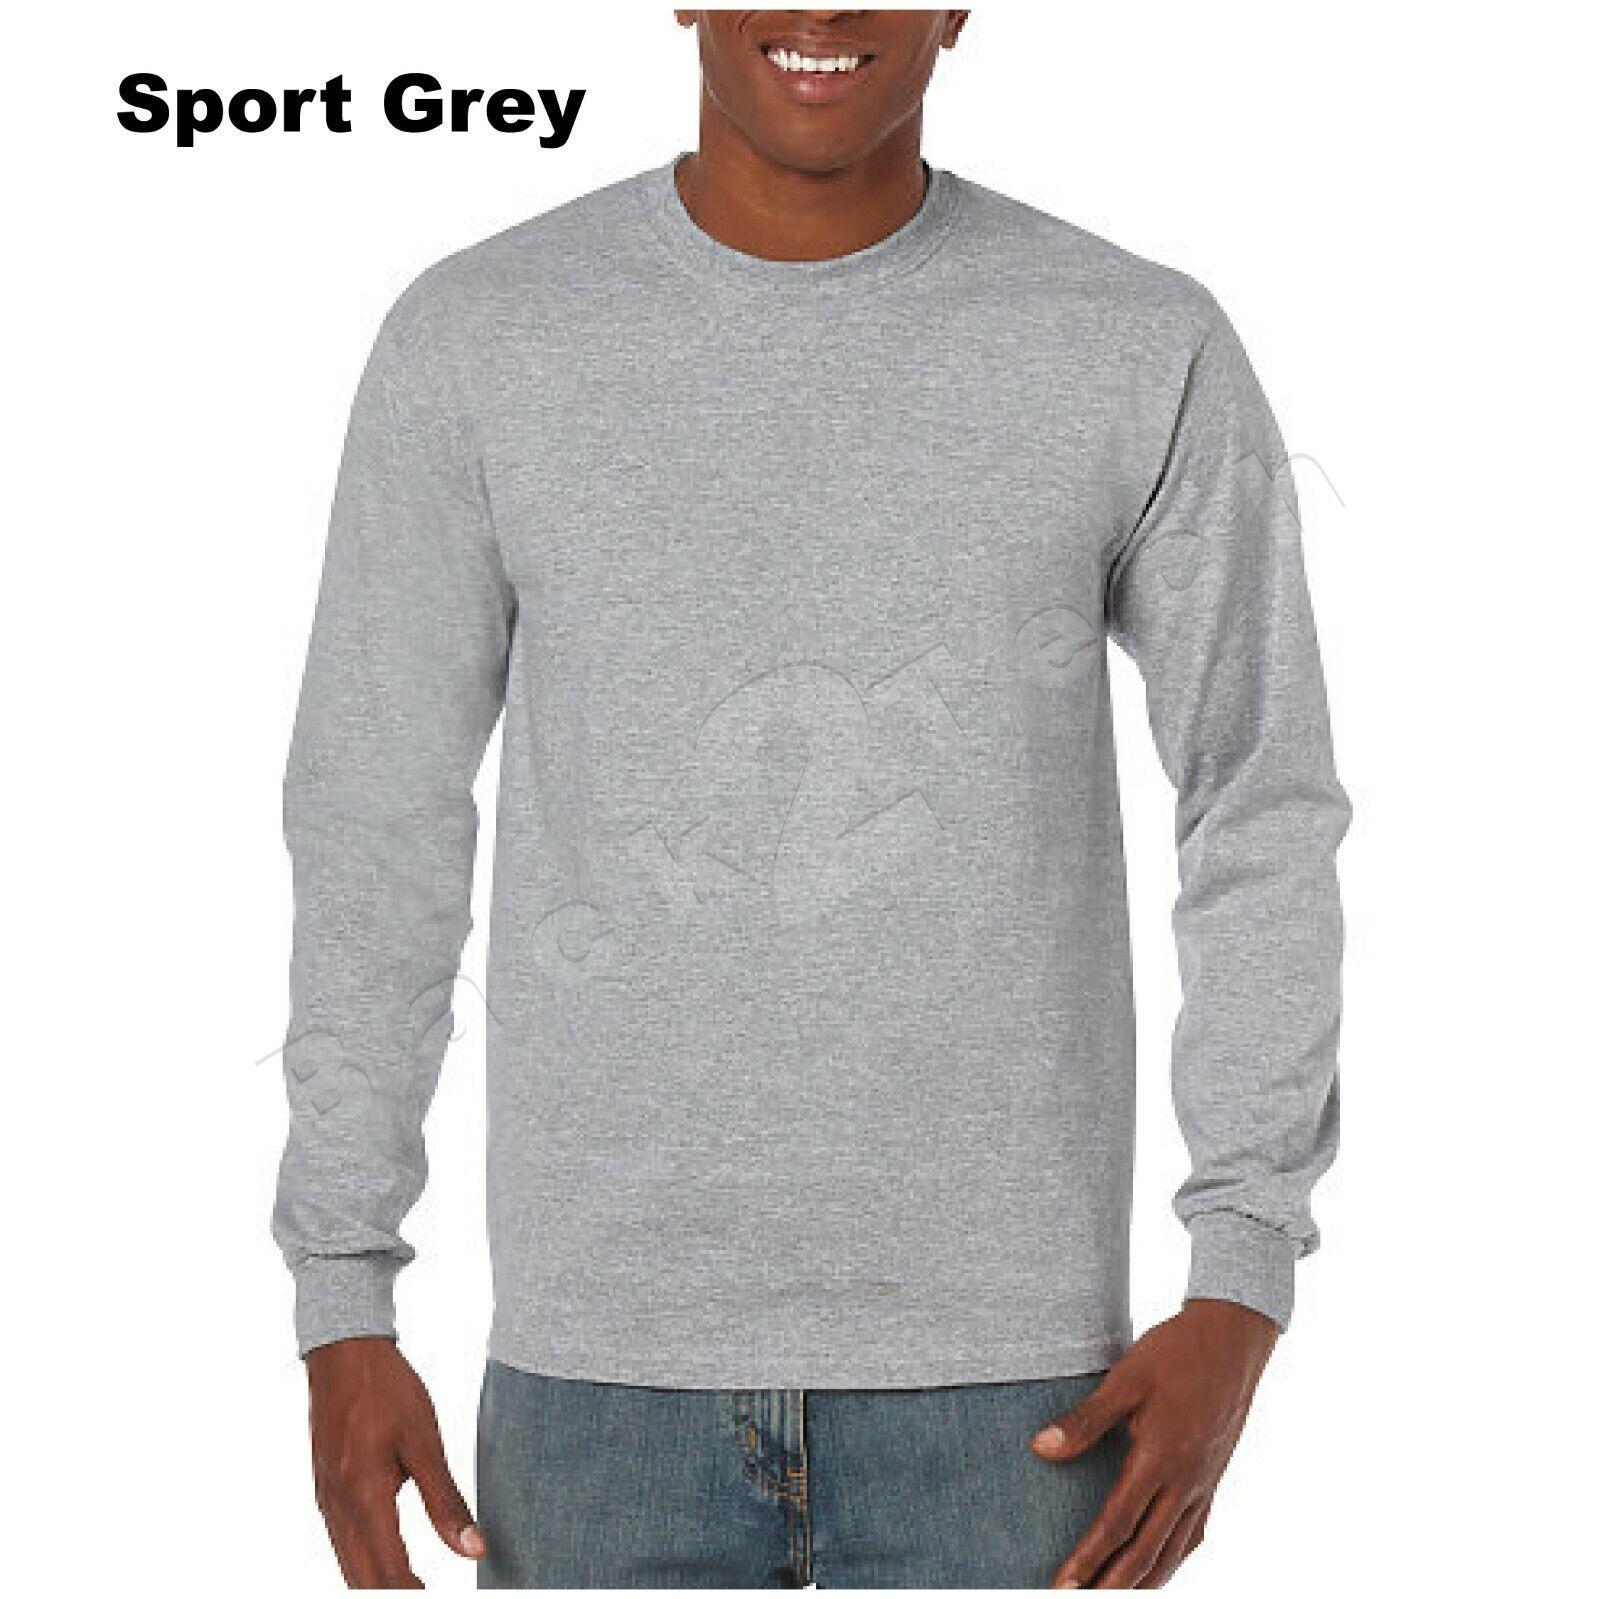 SportGrey